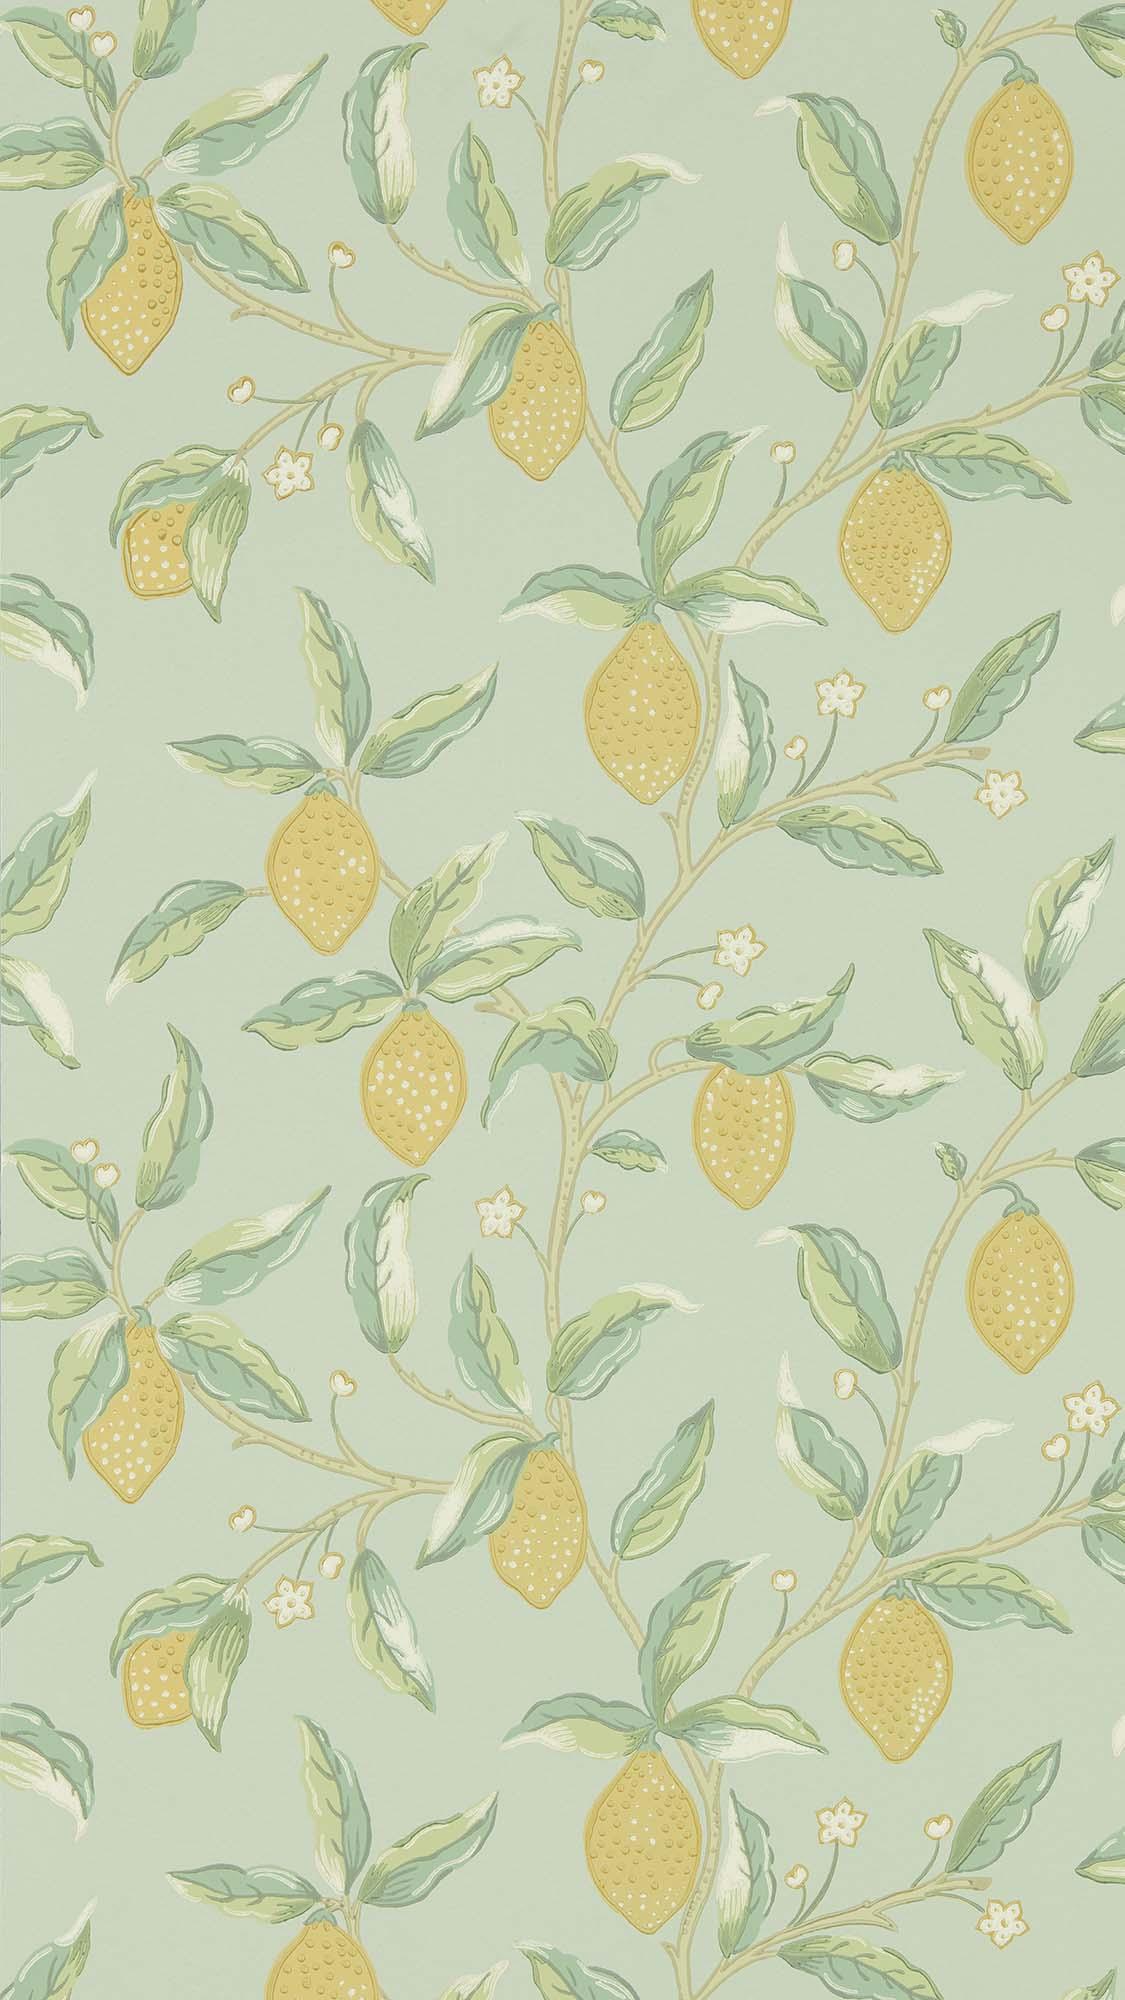 ウィリアムモリス壁紙 Lemon Tree 216673